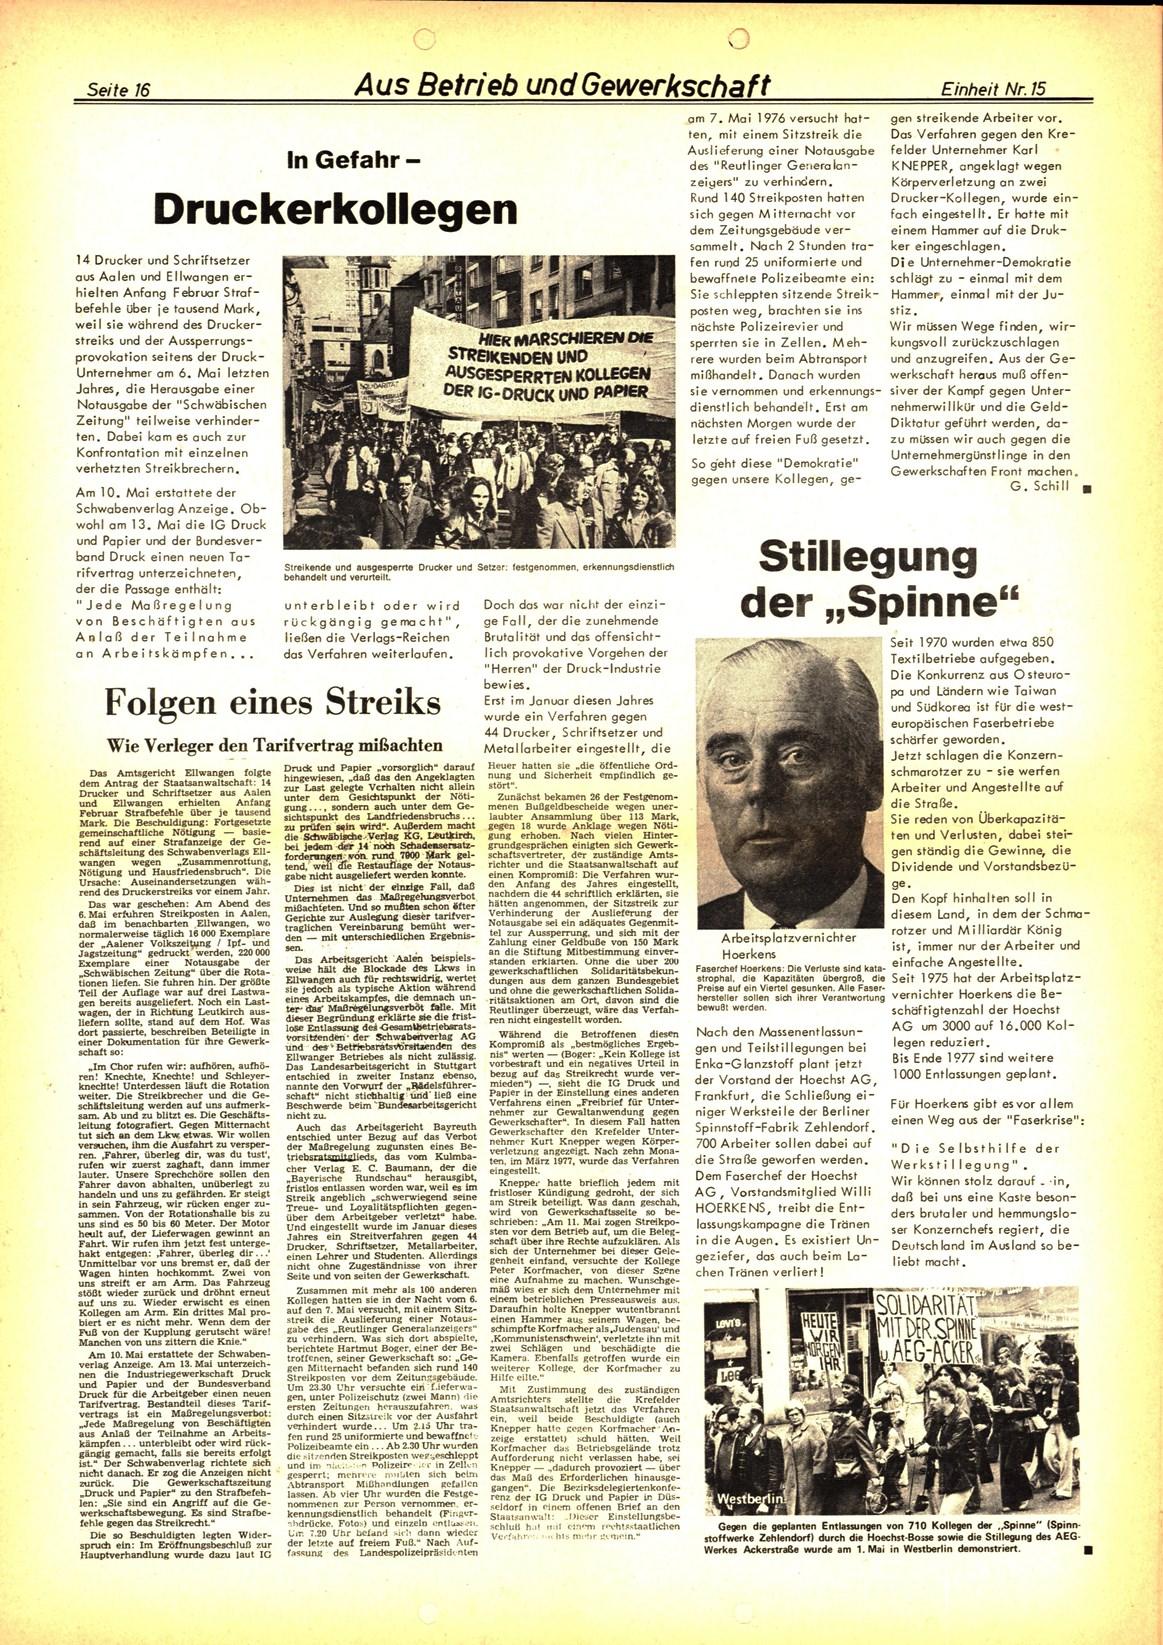 Koeln_IPdA_Einheit_1977_015_016